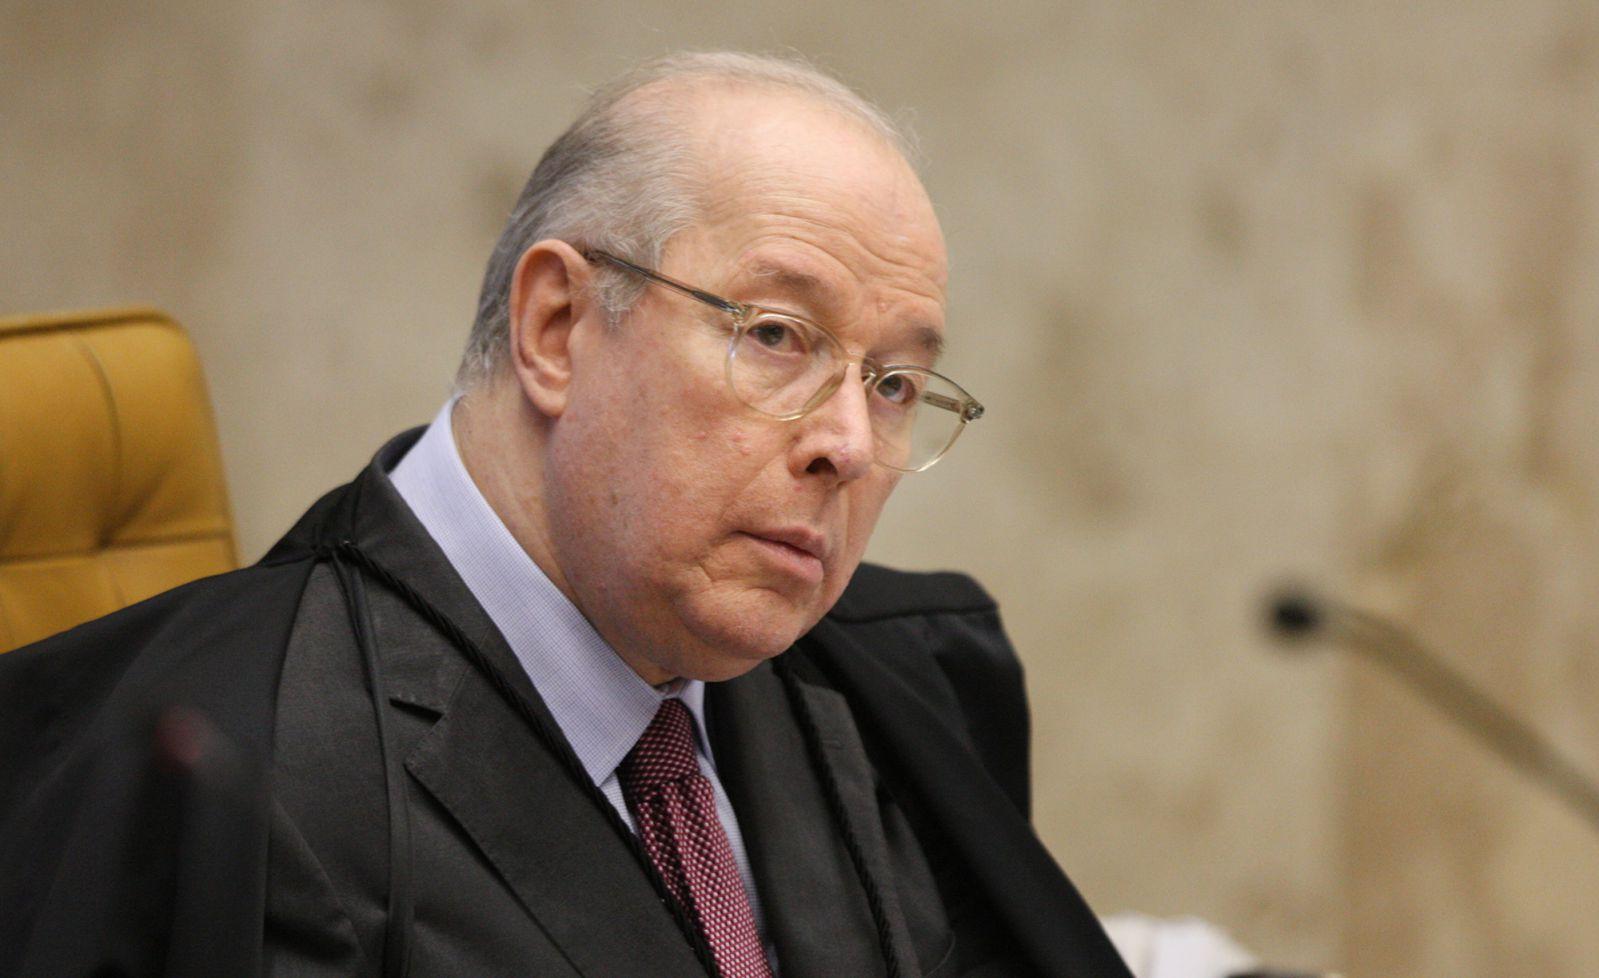 Ministro Celso de Mello durante plenário do STF| Foto: Nelson Jr/SCO/STF